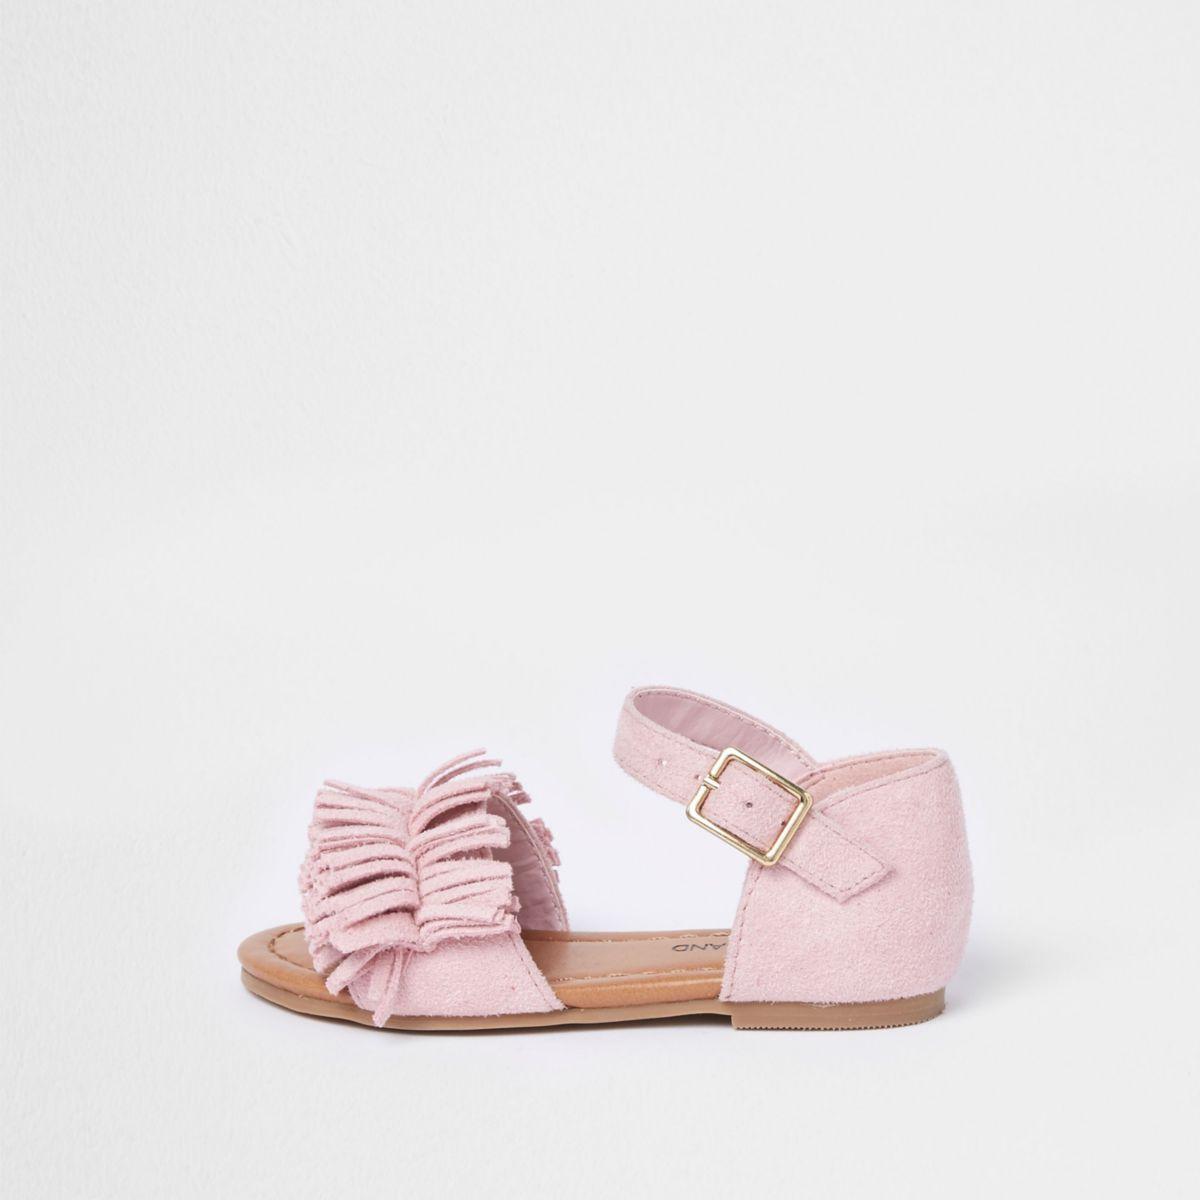 Sandalen mit Fransen in Rosa